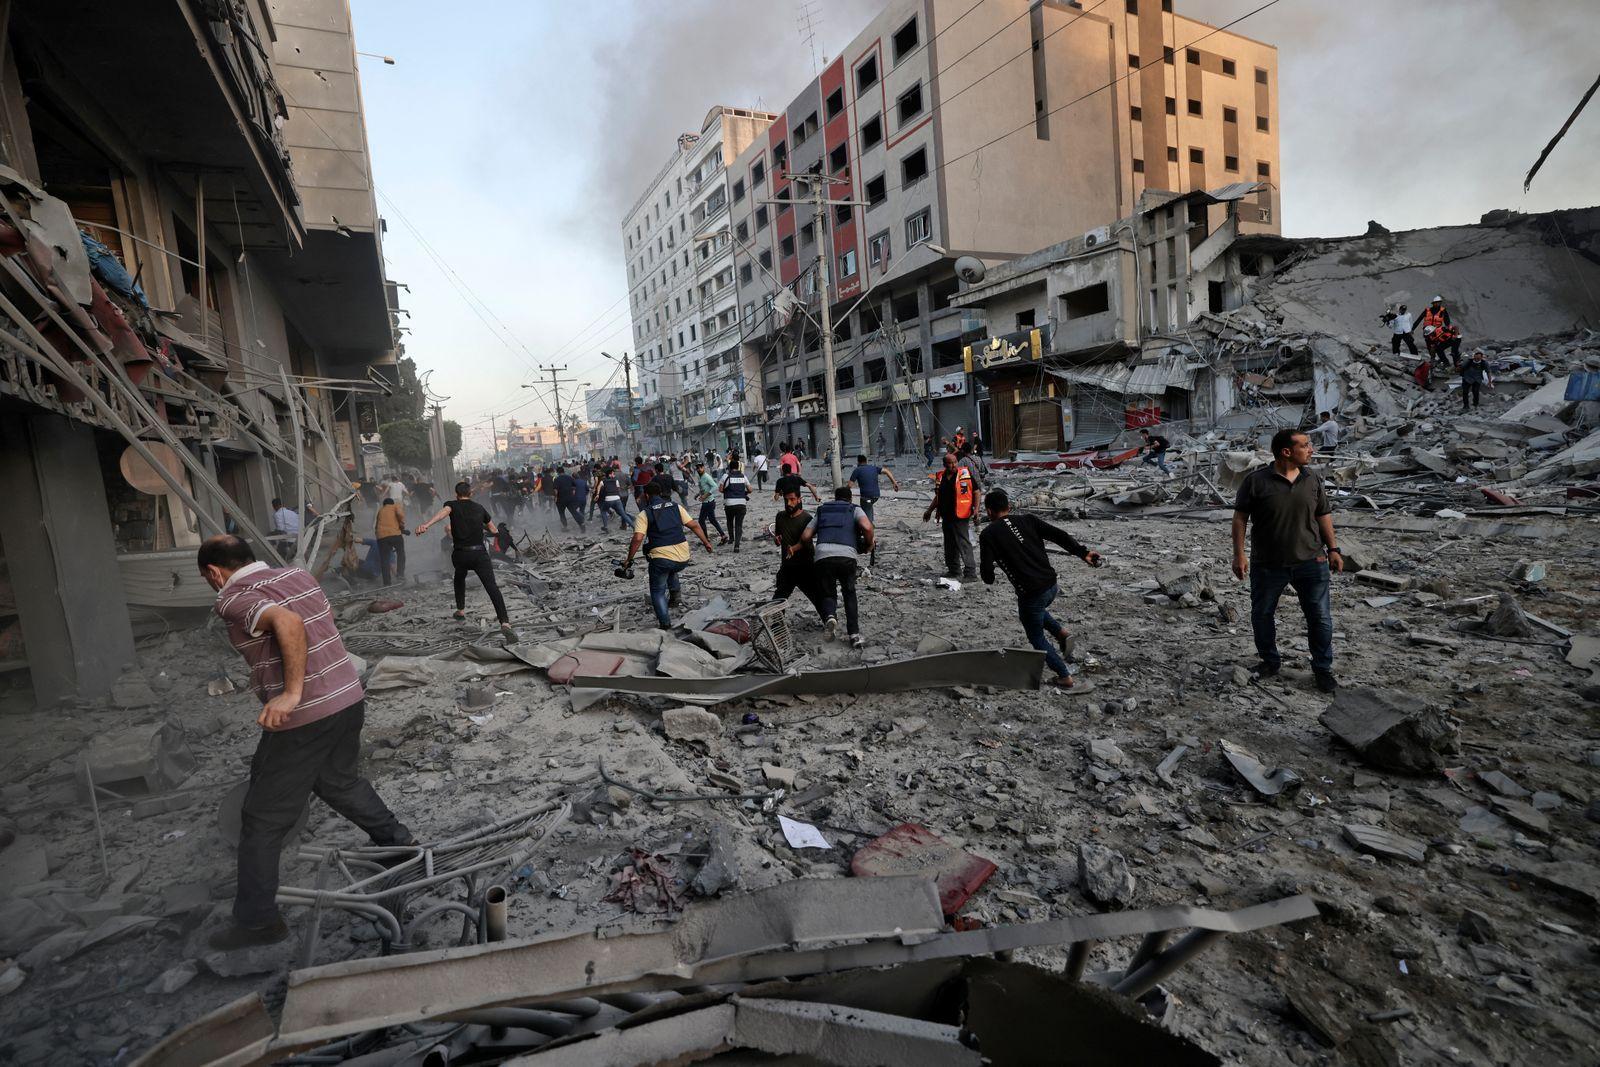 AFP - ฉนวนกาซา อิสราเอล ปาเลสไตน์ สงครามกลางเมือง